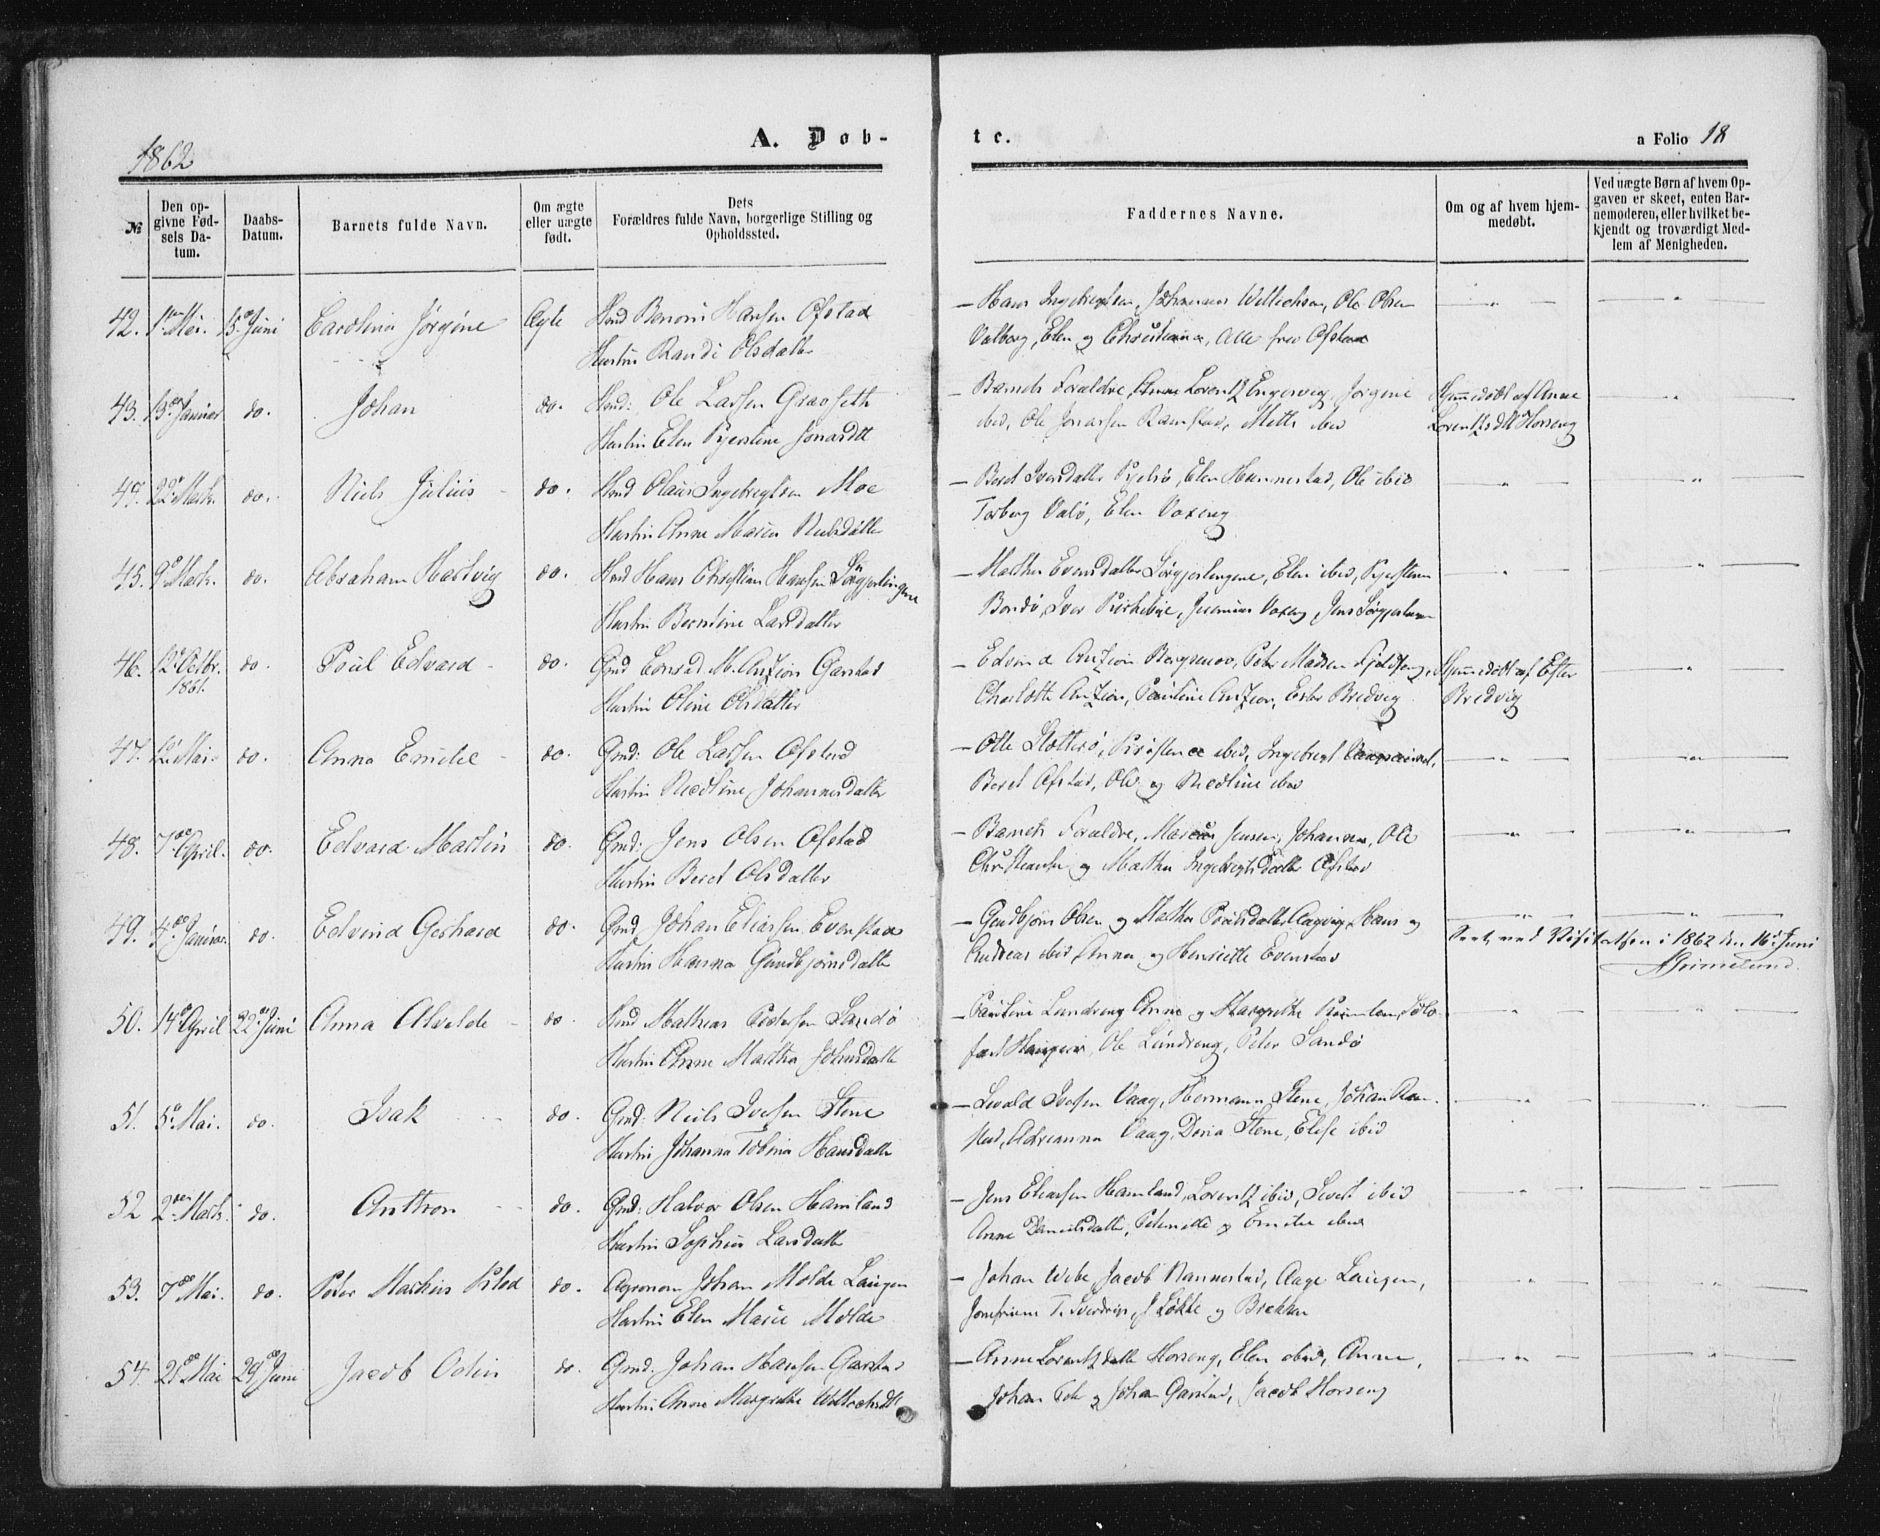 SAT, Ministerialprotokoller, klokkerbøker og fødselsregistre - Nord-Trøndelag, 784/L0670: Ministerialbok nr. 784A05, 1860-1876, s. 18